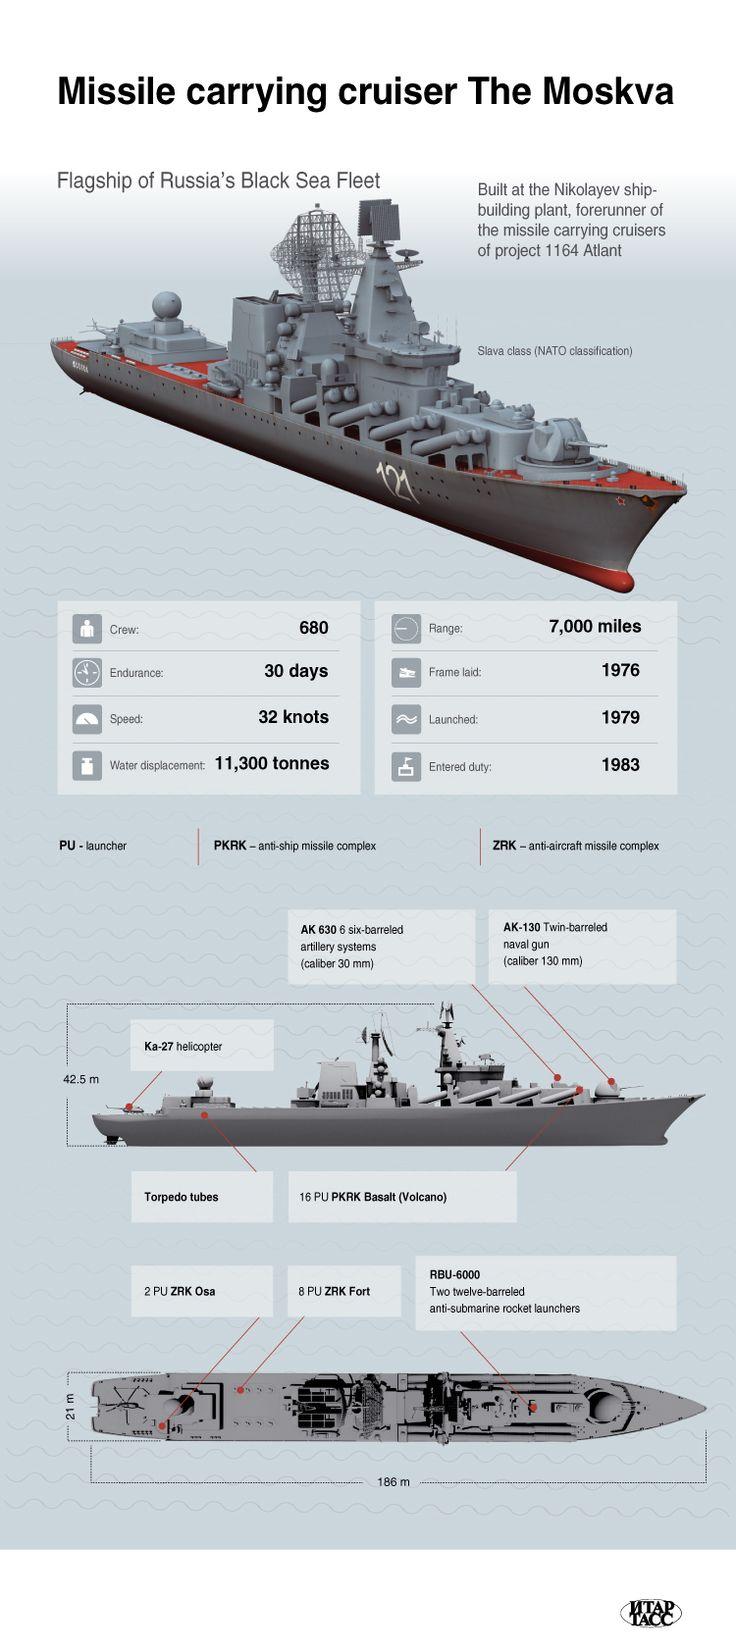 El Moskva , crucero del misil teledirigido , buque insignia de la Flota rusa del Mar Negro . Infografía ITAR-TASS .